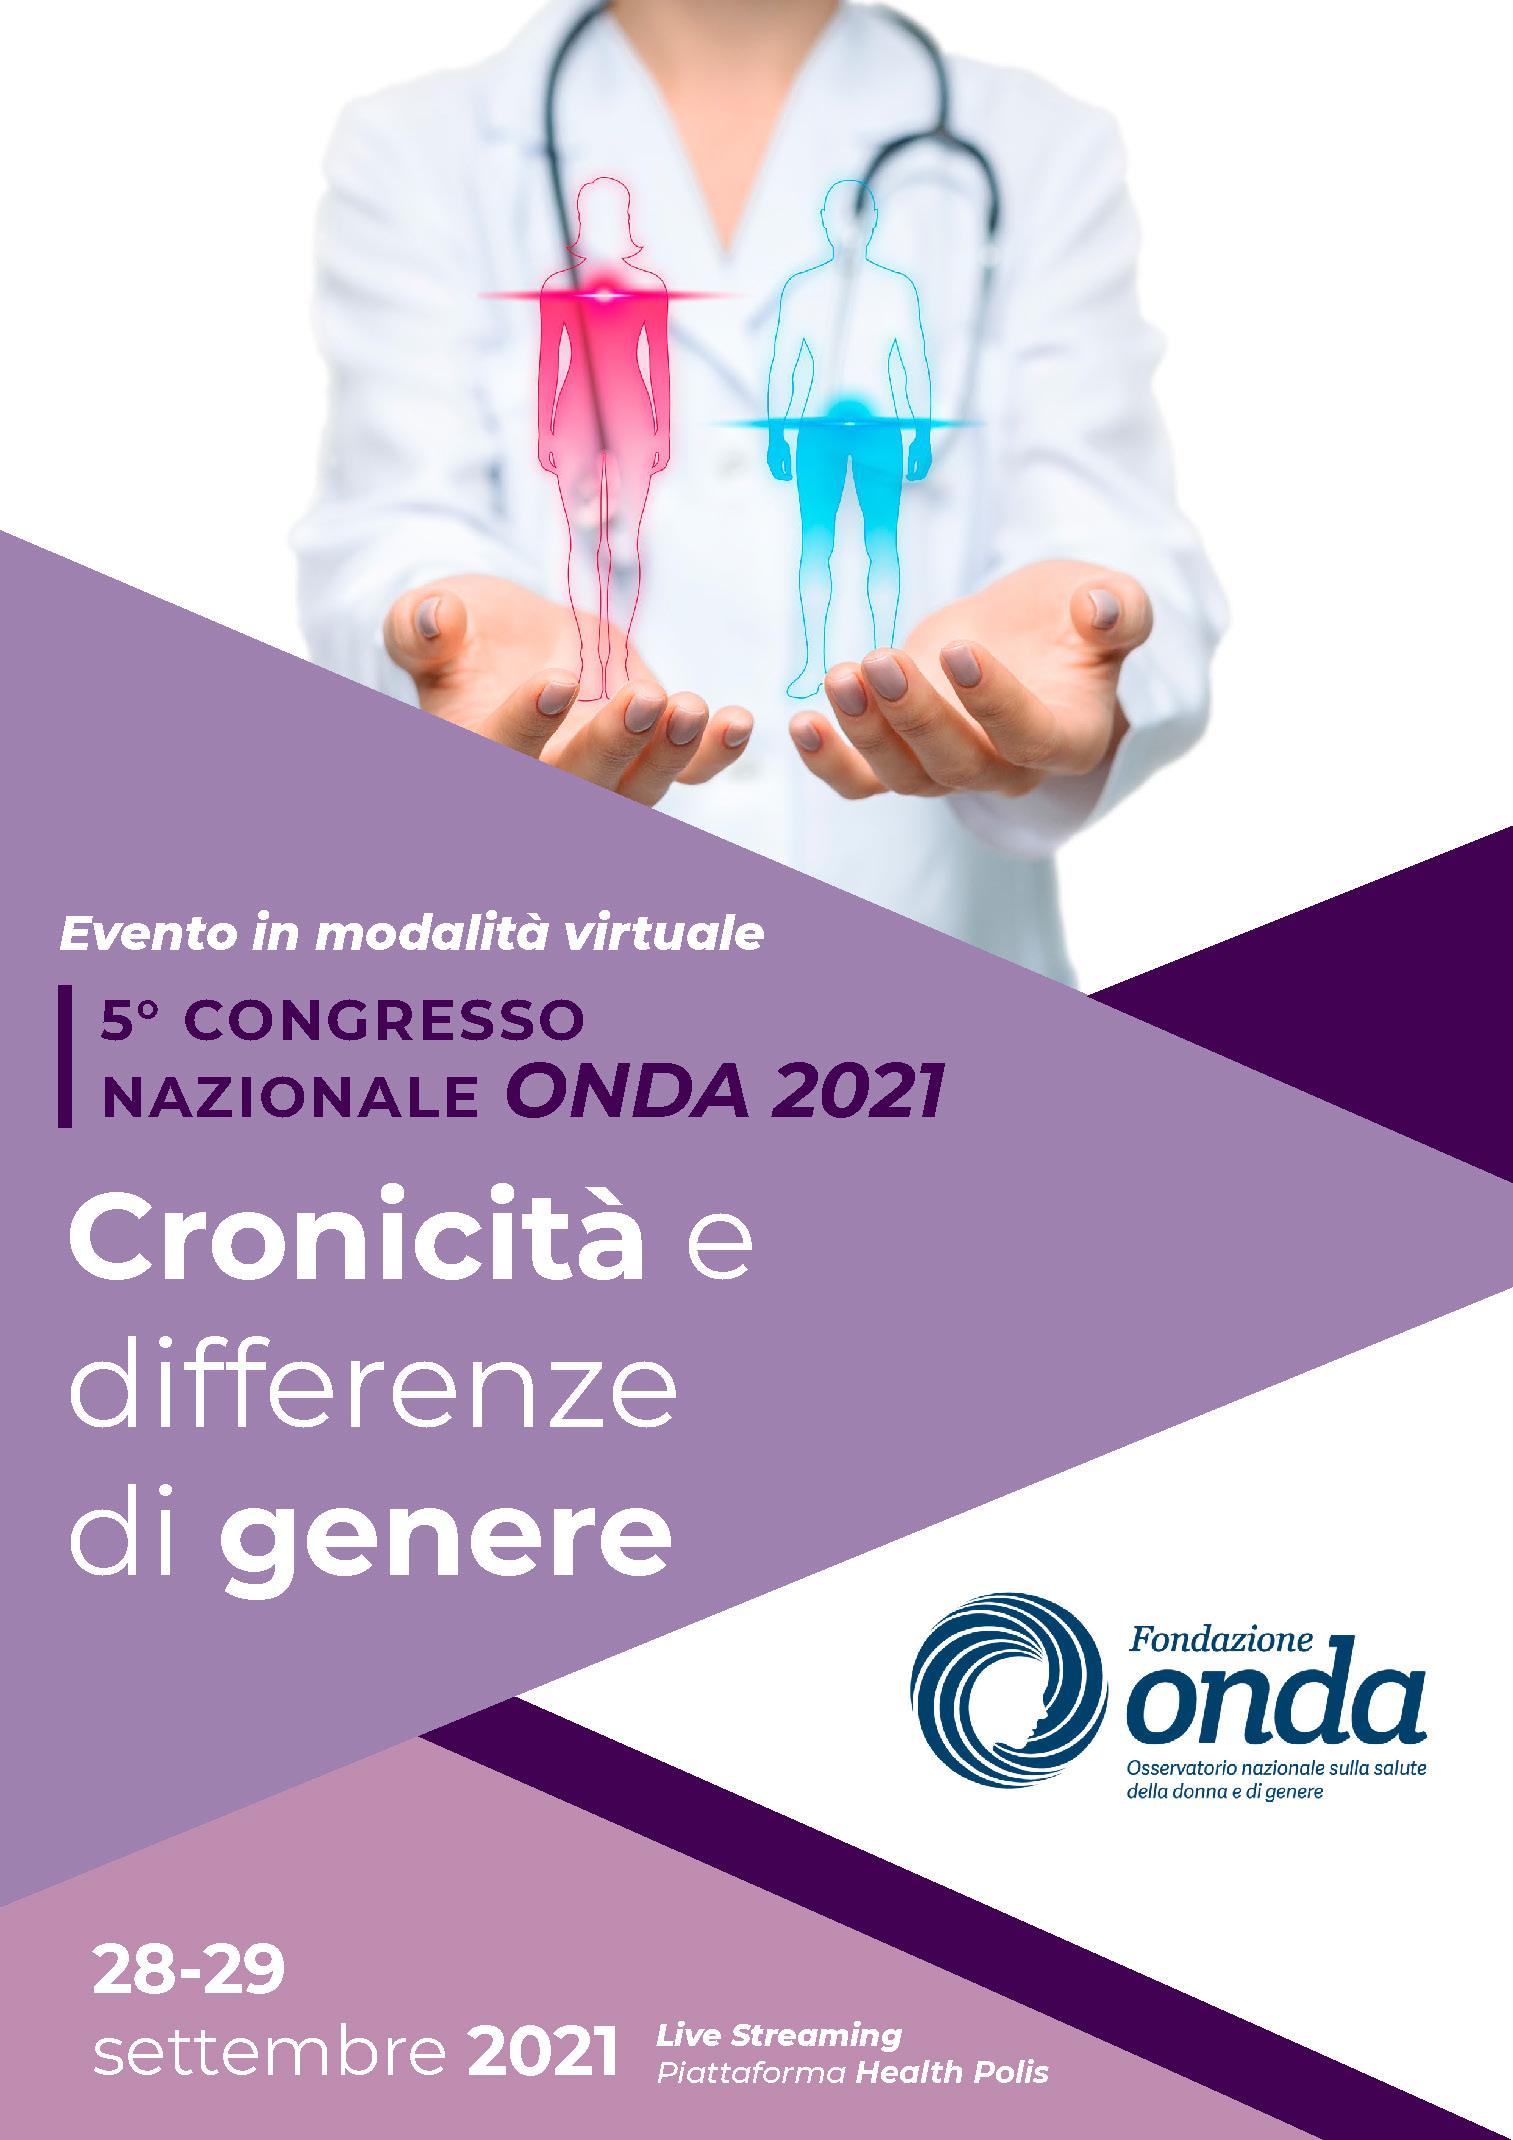 5° CONGRESSO NAZIONALE ONDA 2021